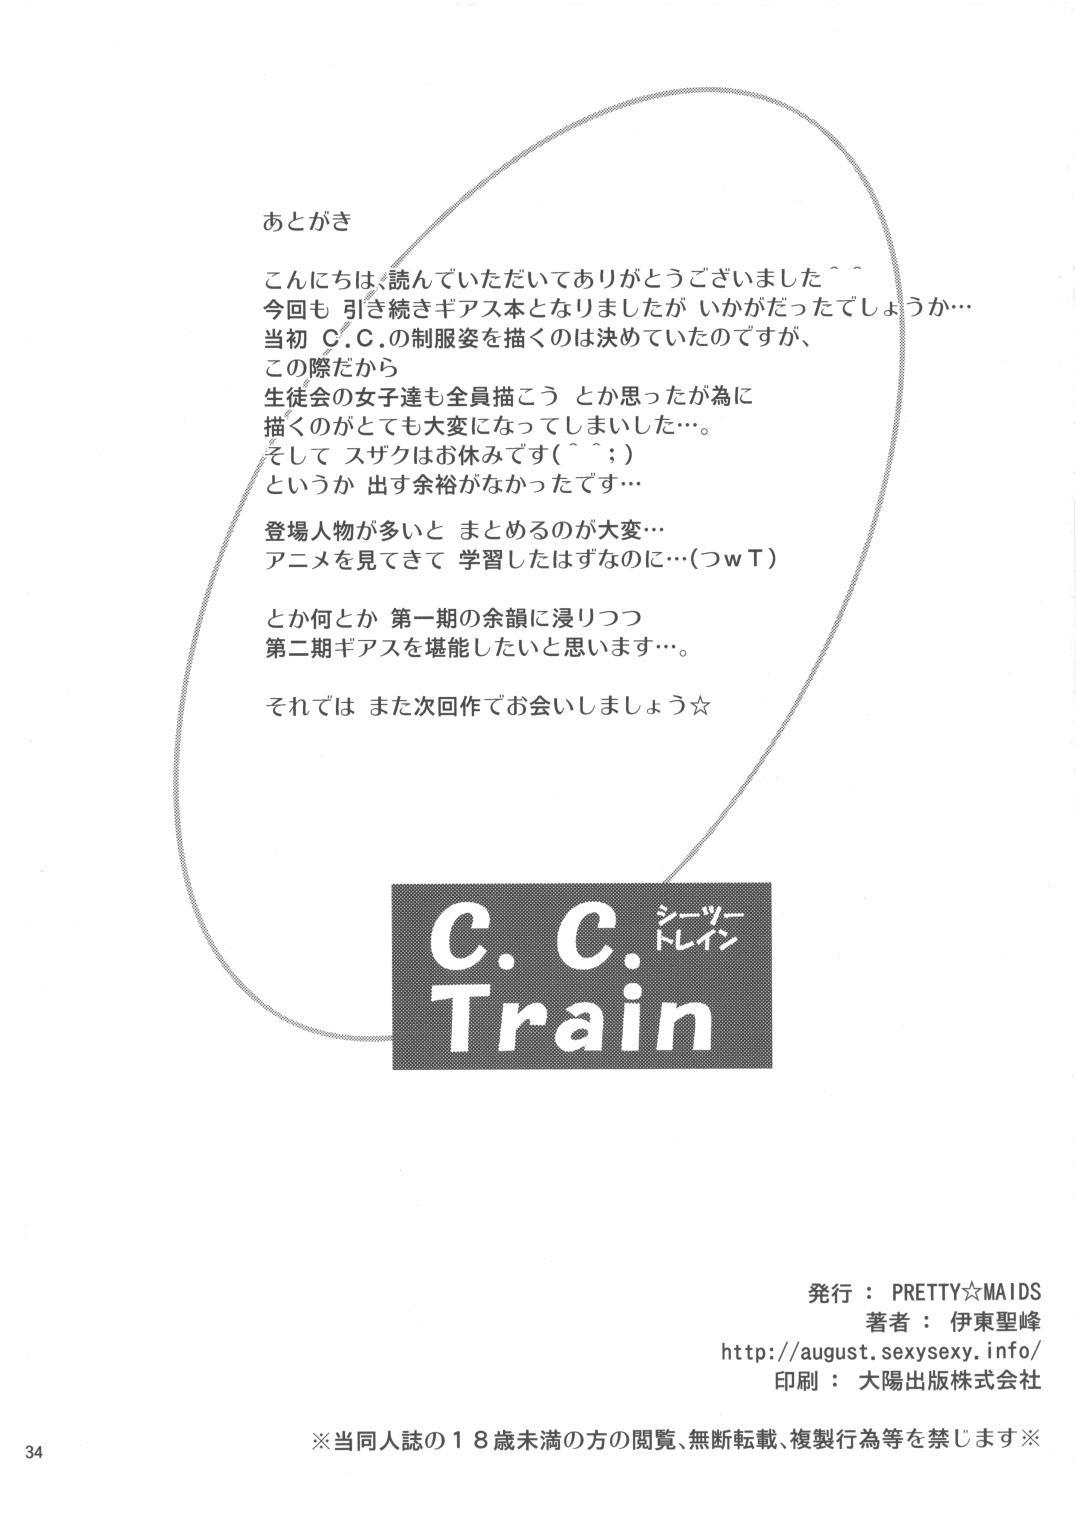 C.C. Train 32